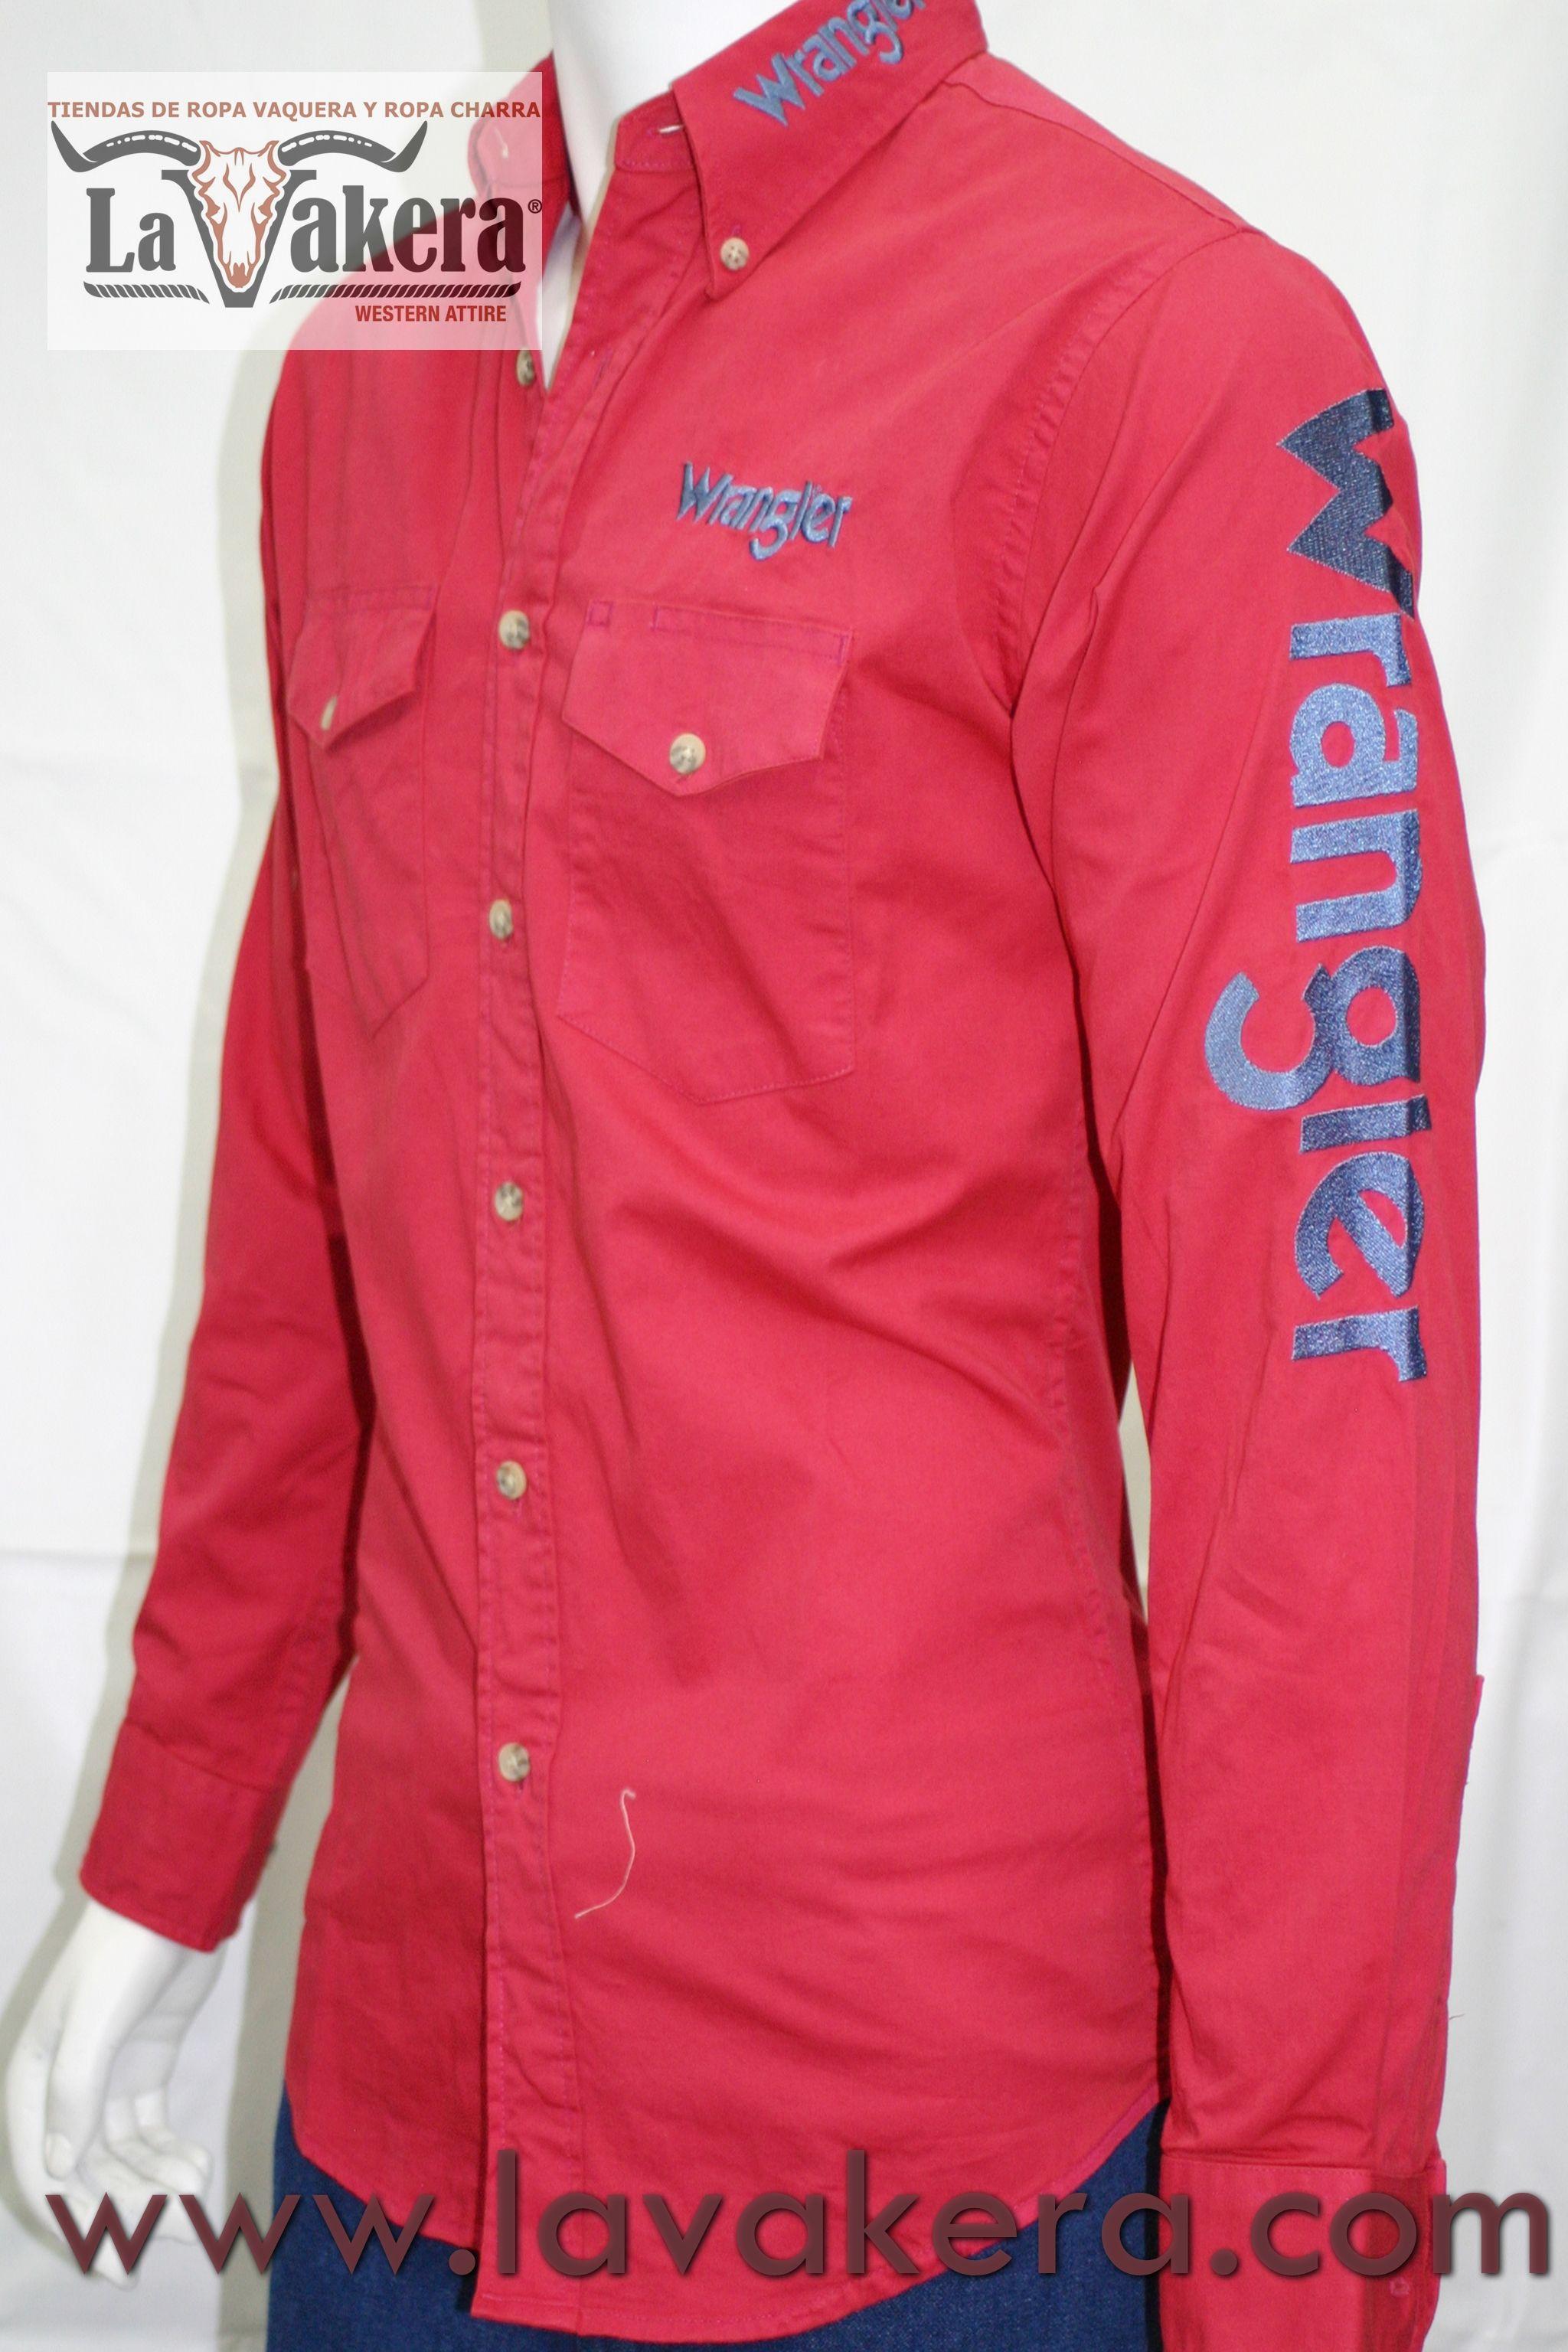 43a2ddf2a97 Camisa Vaquera  Wrangler Camisa Vaquera Hombre